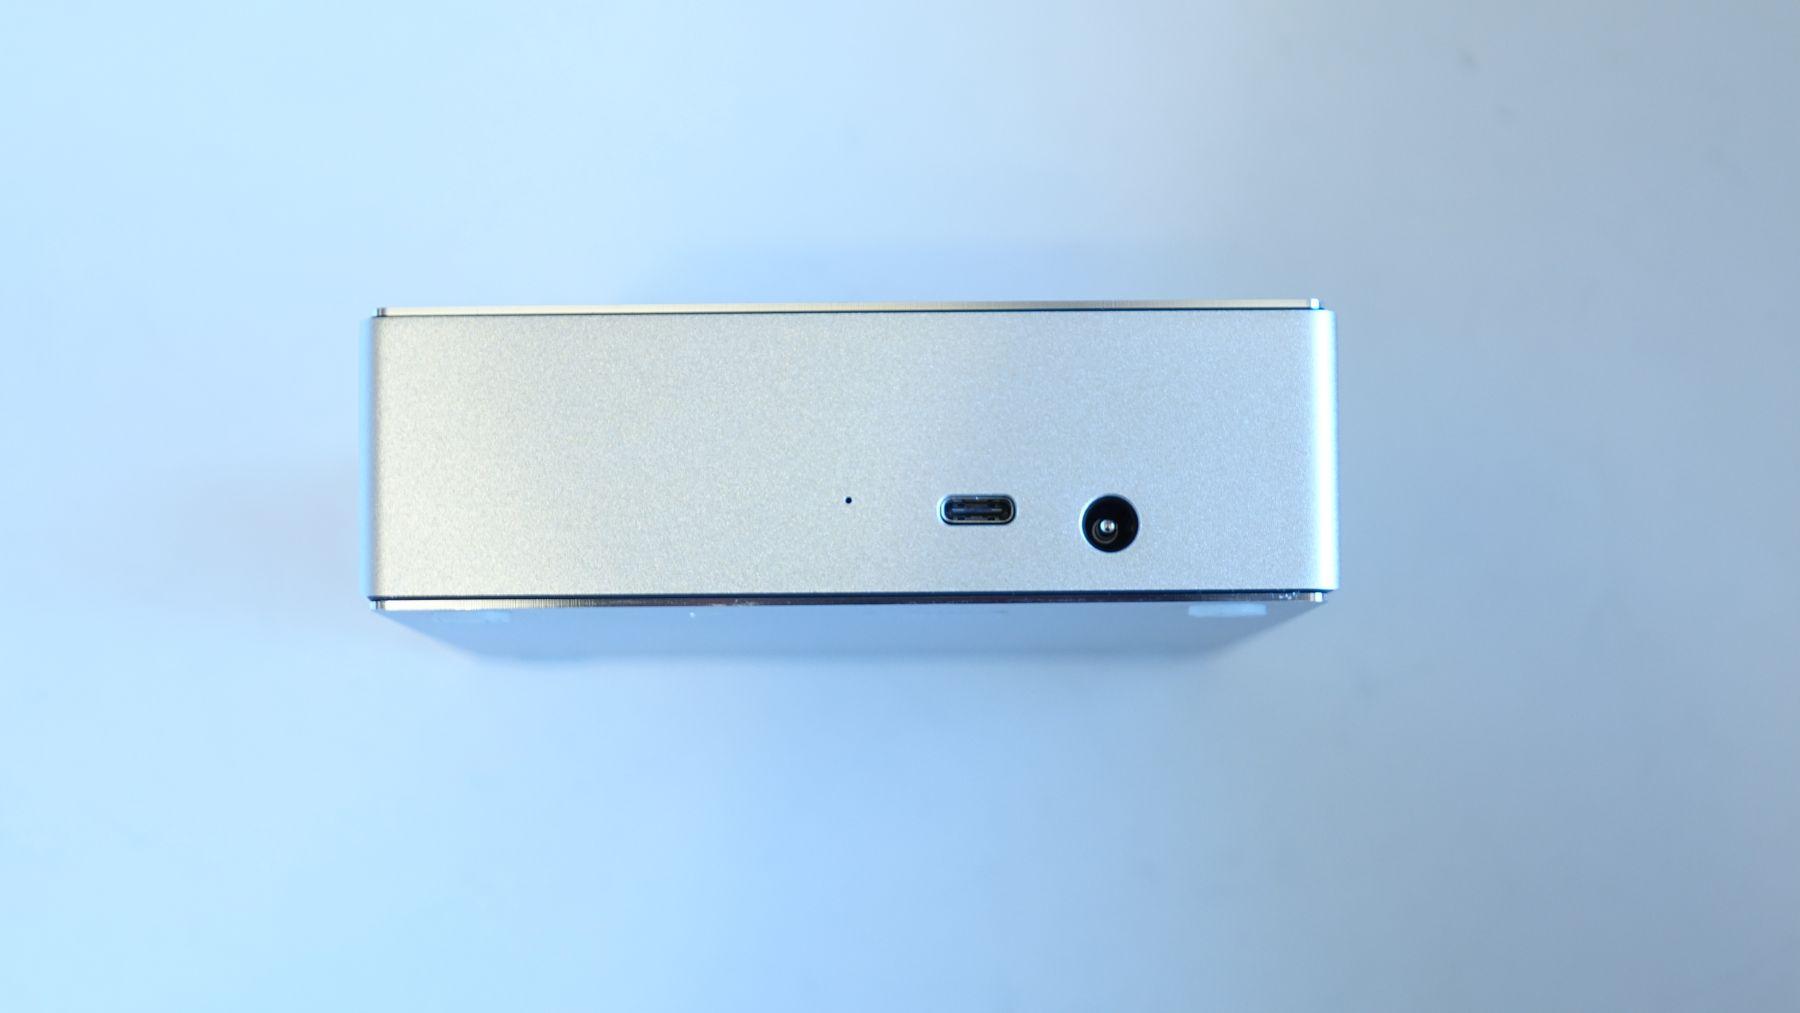 LaCie Porsche Design Desktop Drive ports